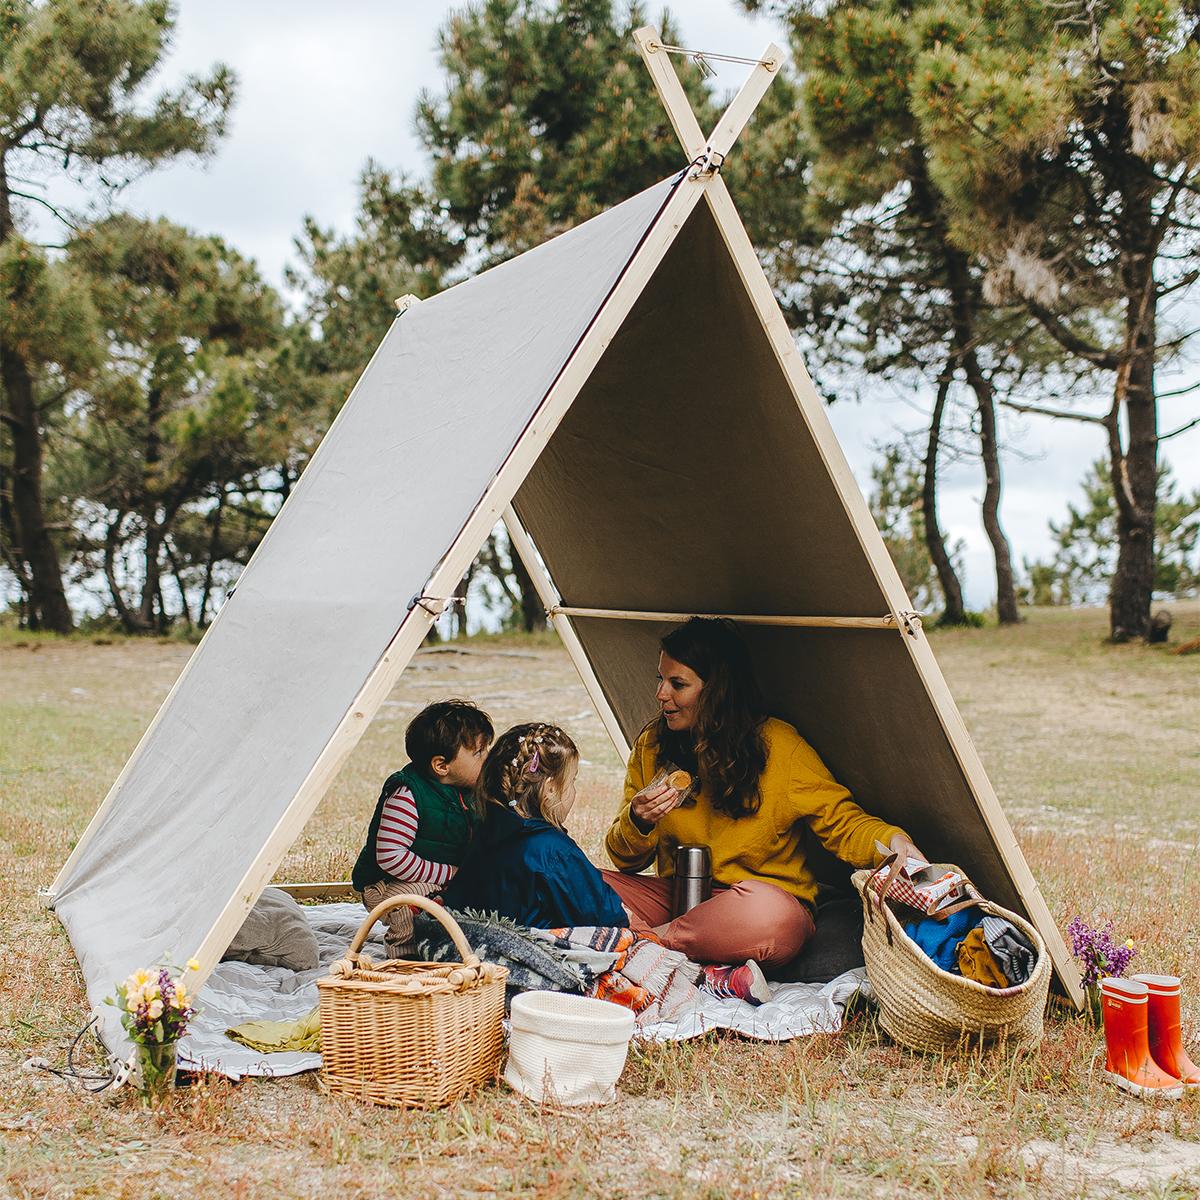 カラフルな帆布製シェード、白木を組んだ、目をひくデザイン。フランス生まれの、風通しのよい帆布テント|LA TENTE ISLAISE(ラ・タント・イレーズ)